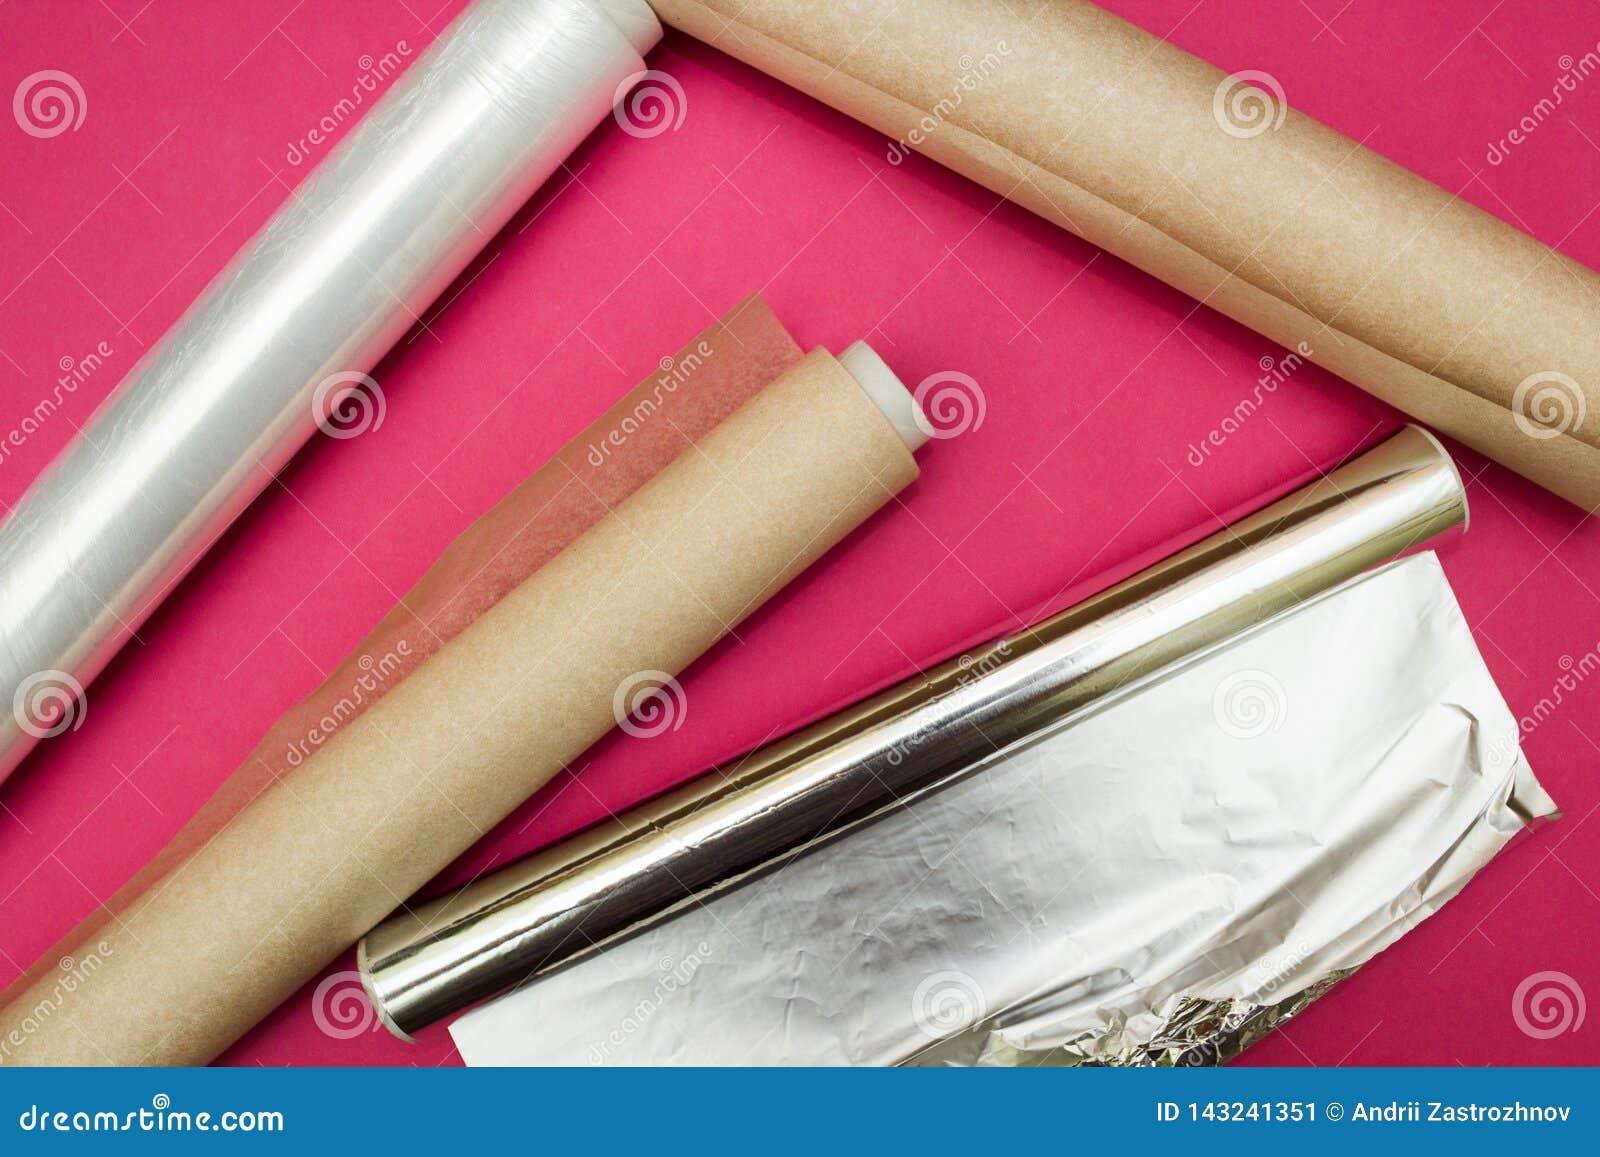 Envoltorio de plástico, papel de aluminio y rollo del documento de pergamino sobre fondo rosado